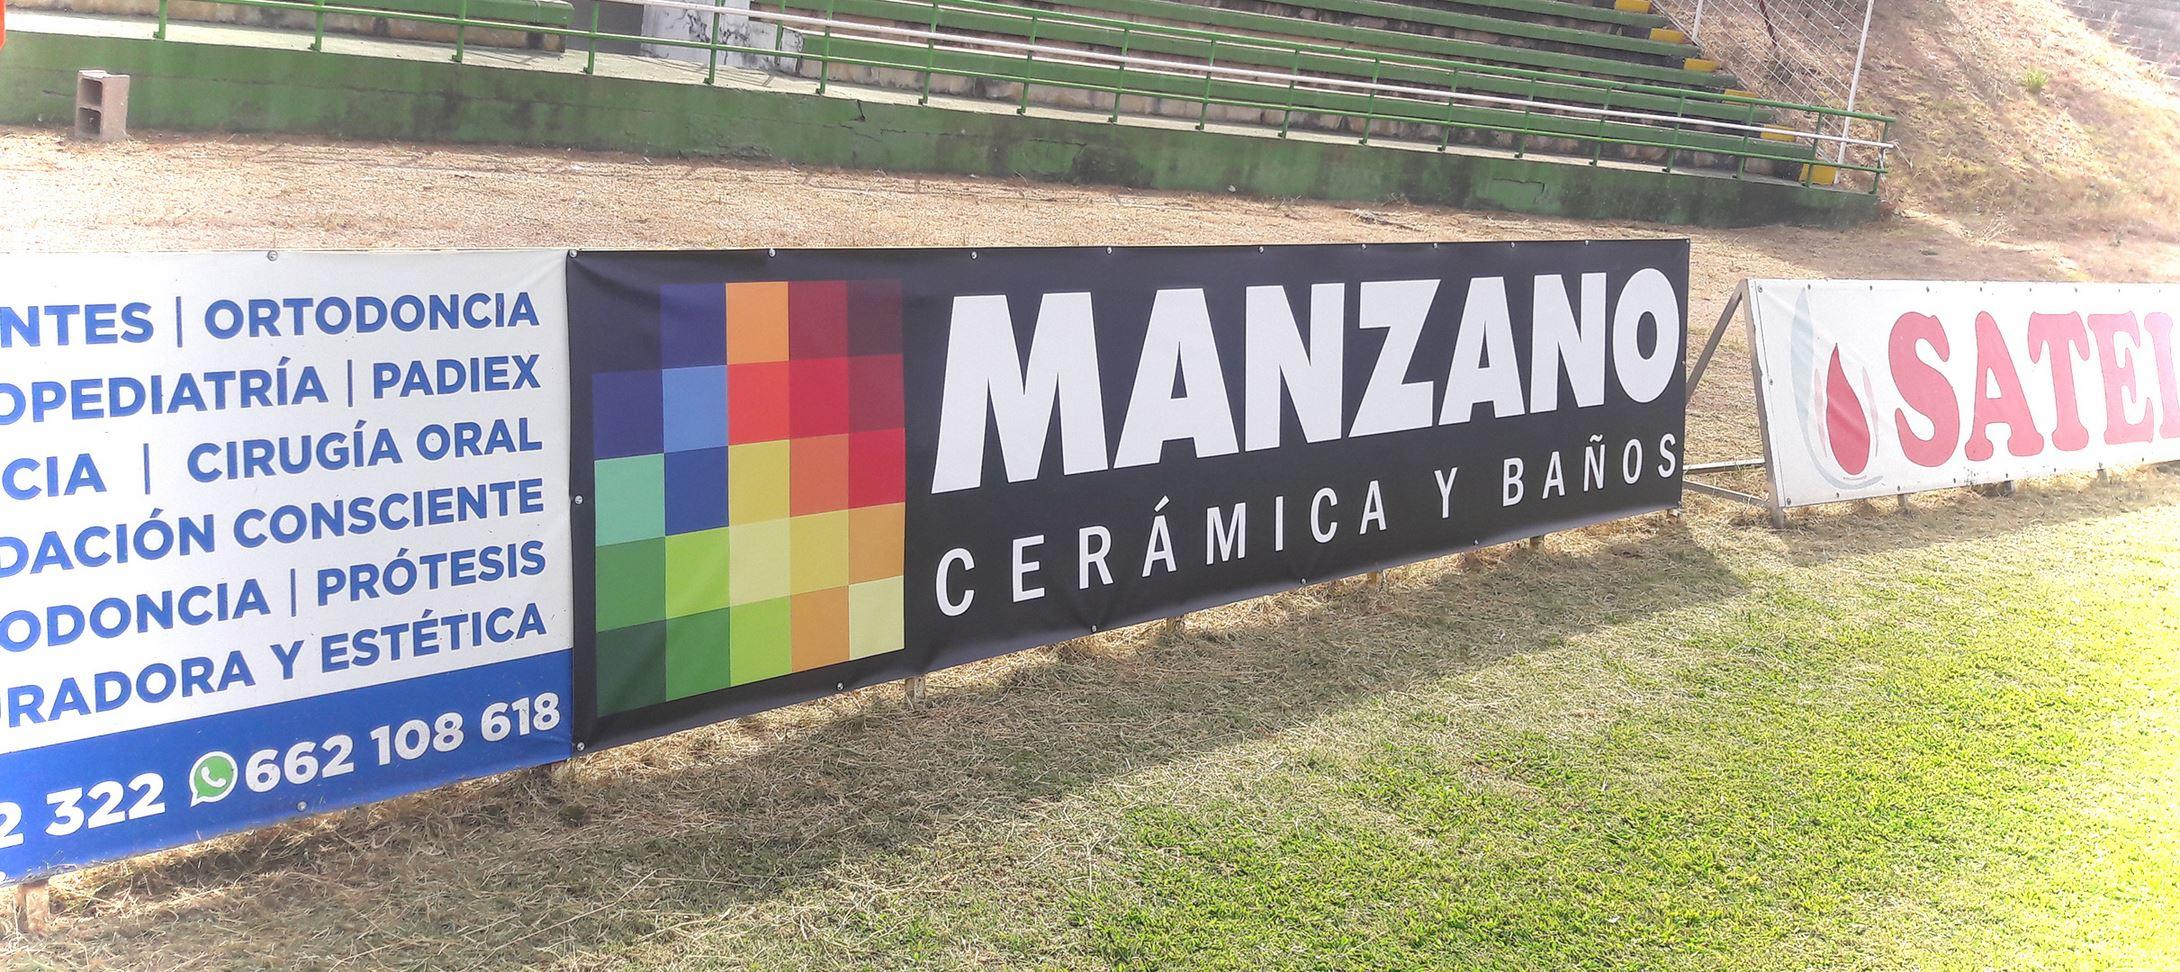 MANZANO PATROCINADOR OFICIAL DEL CLUB POLIDEPORTIVO CACEREÑO